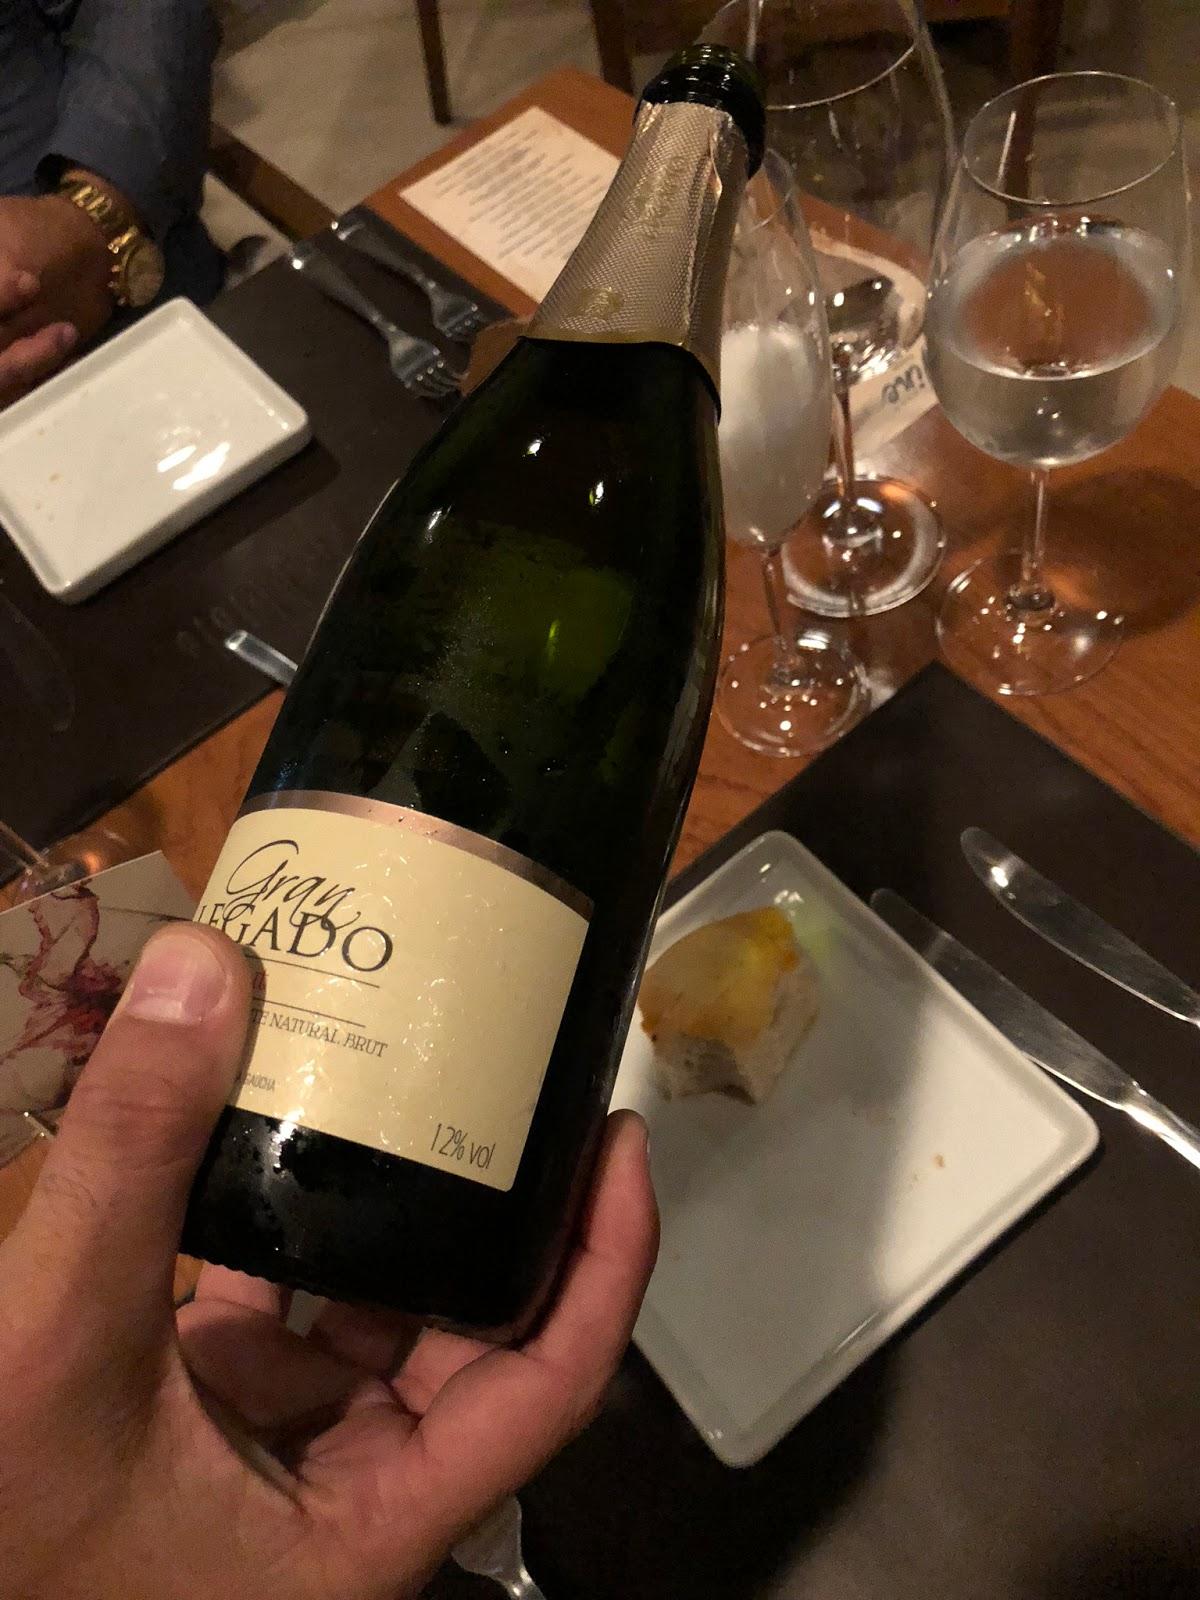 Primeiro Rodízio de Vinhos em Brasília no Restaurante Nebbiolo